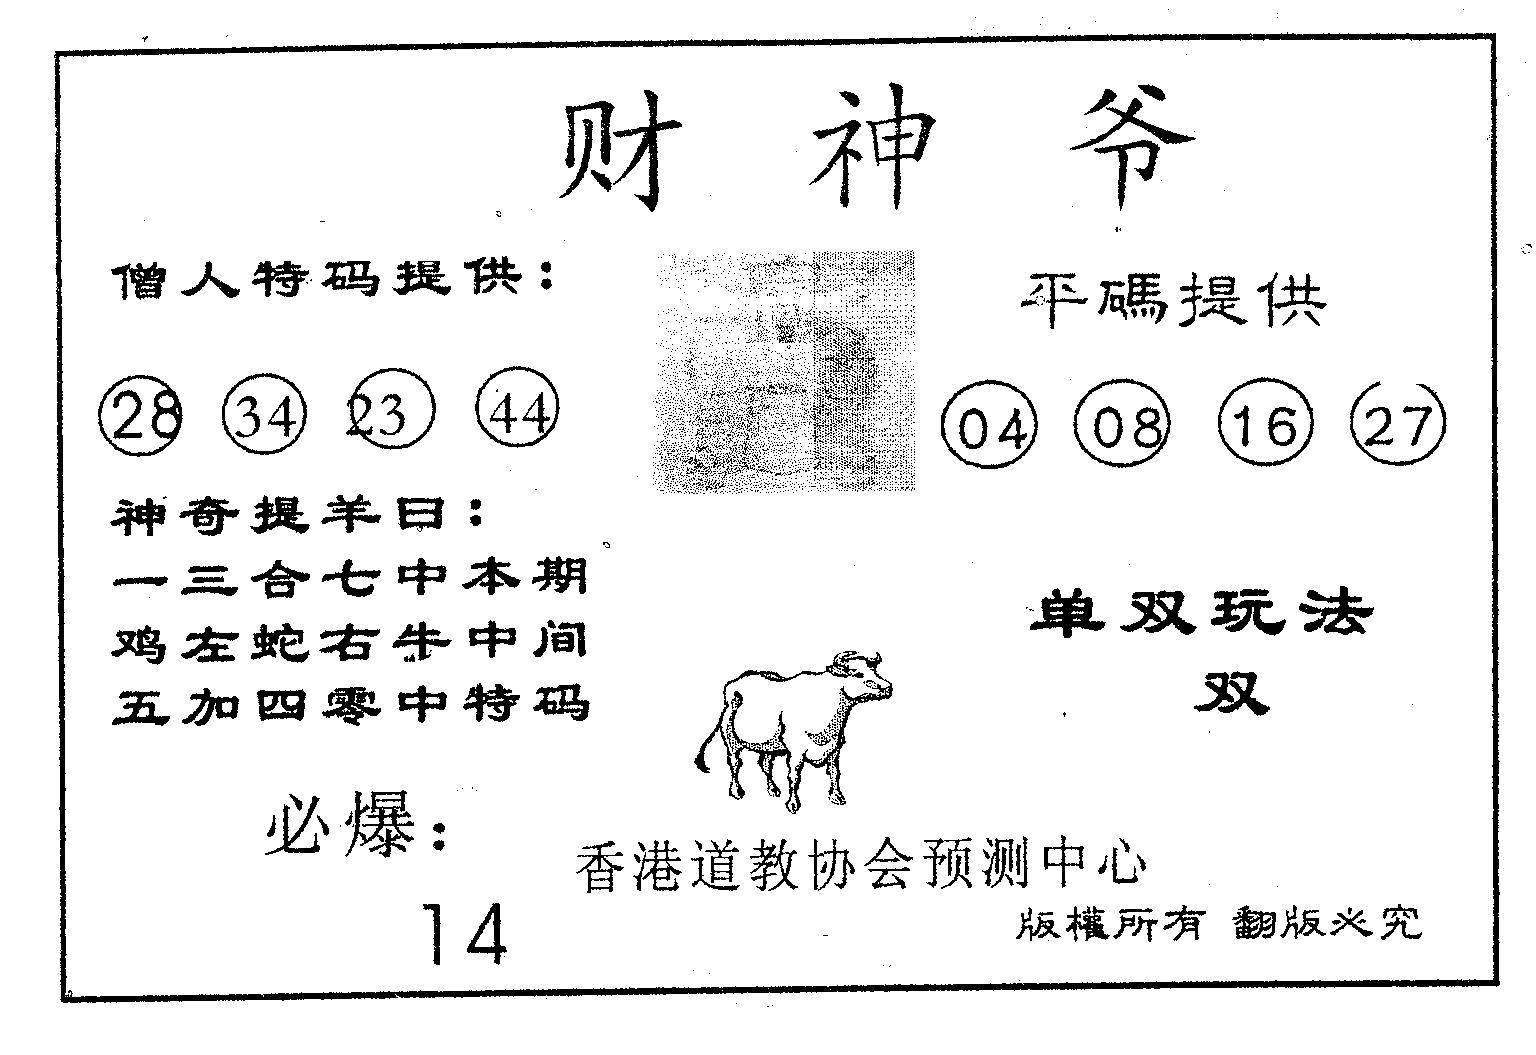 053期财神爷(黑白)